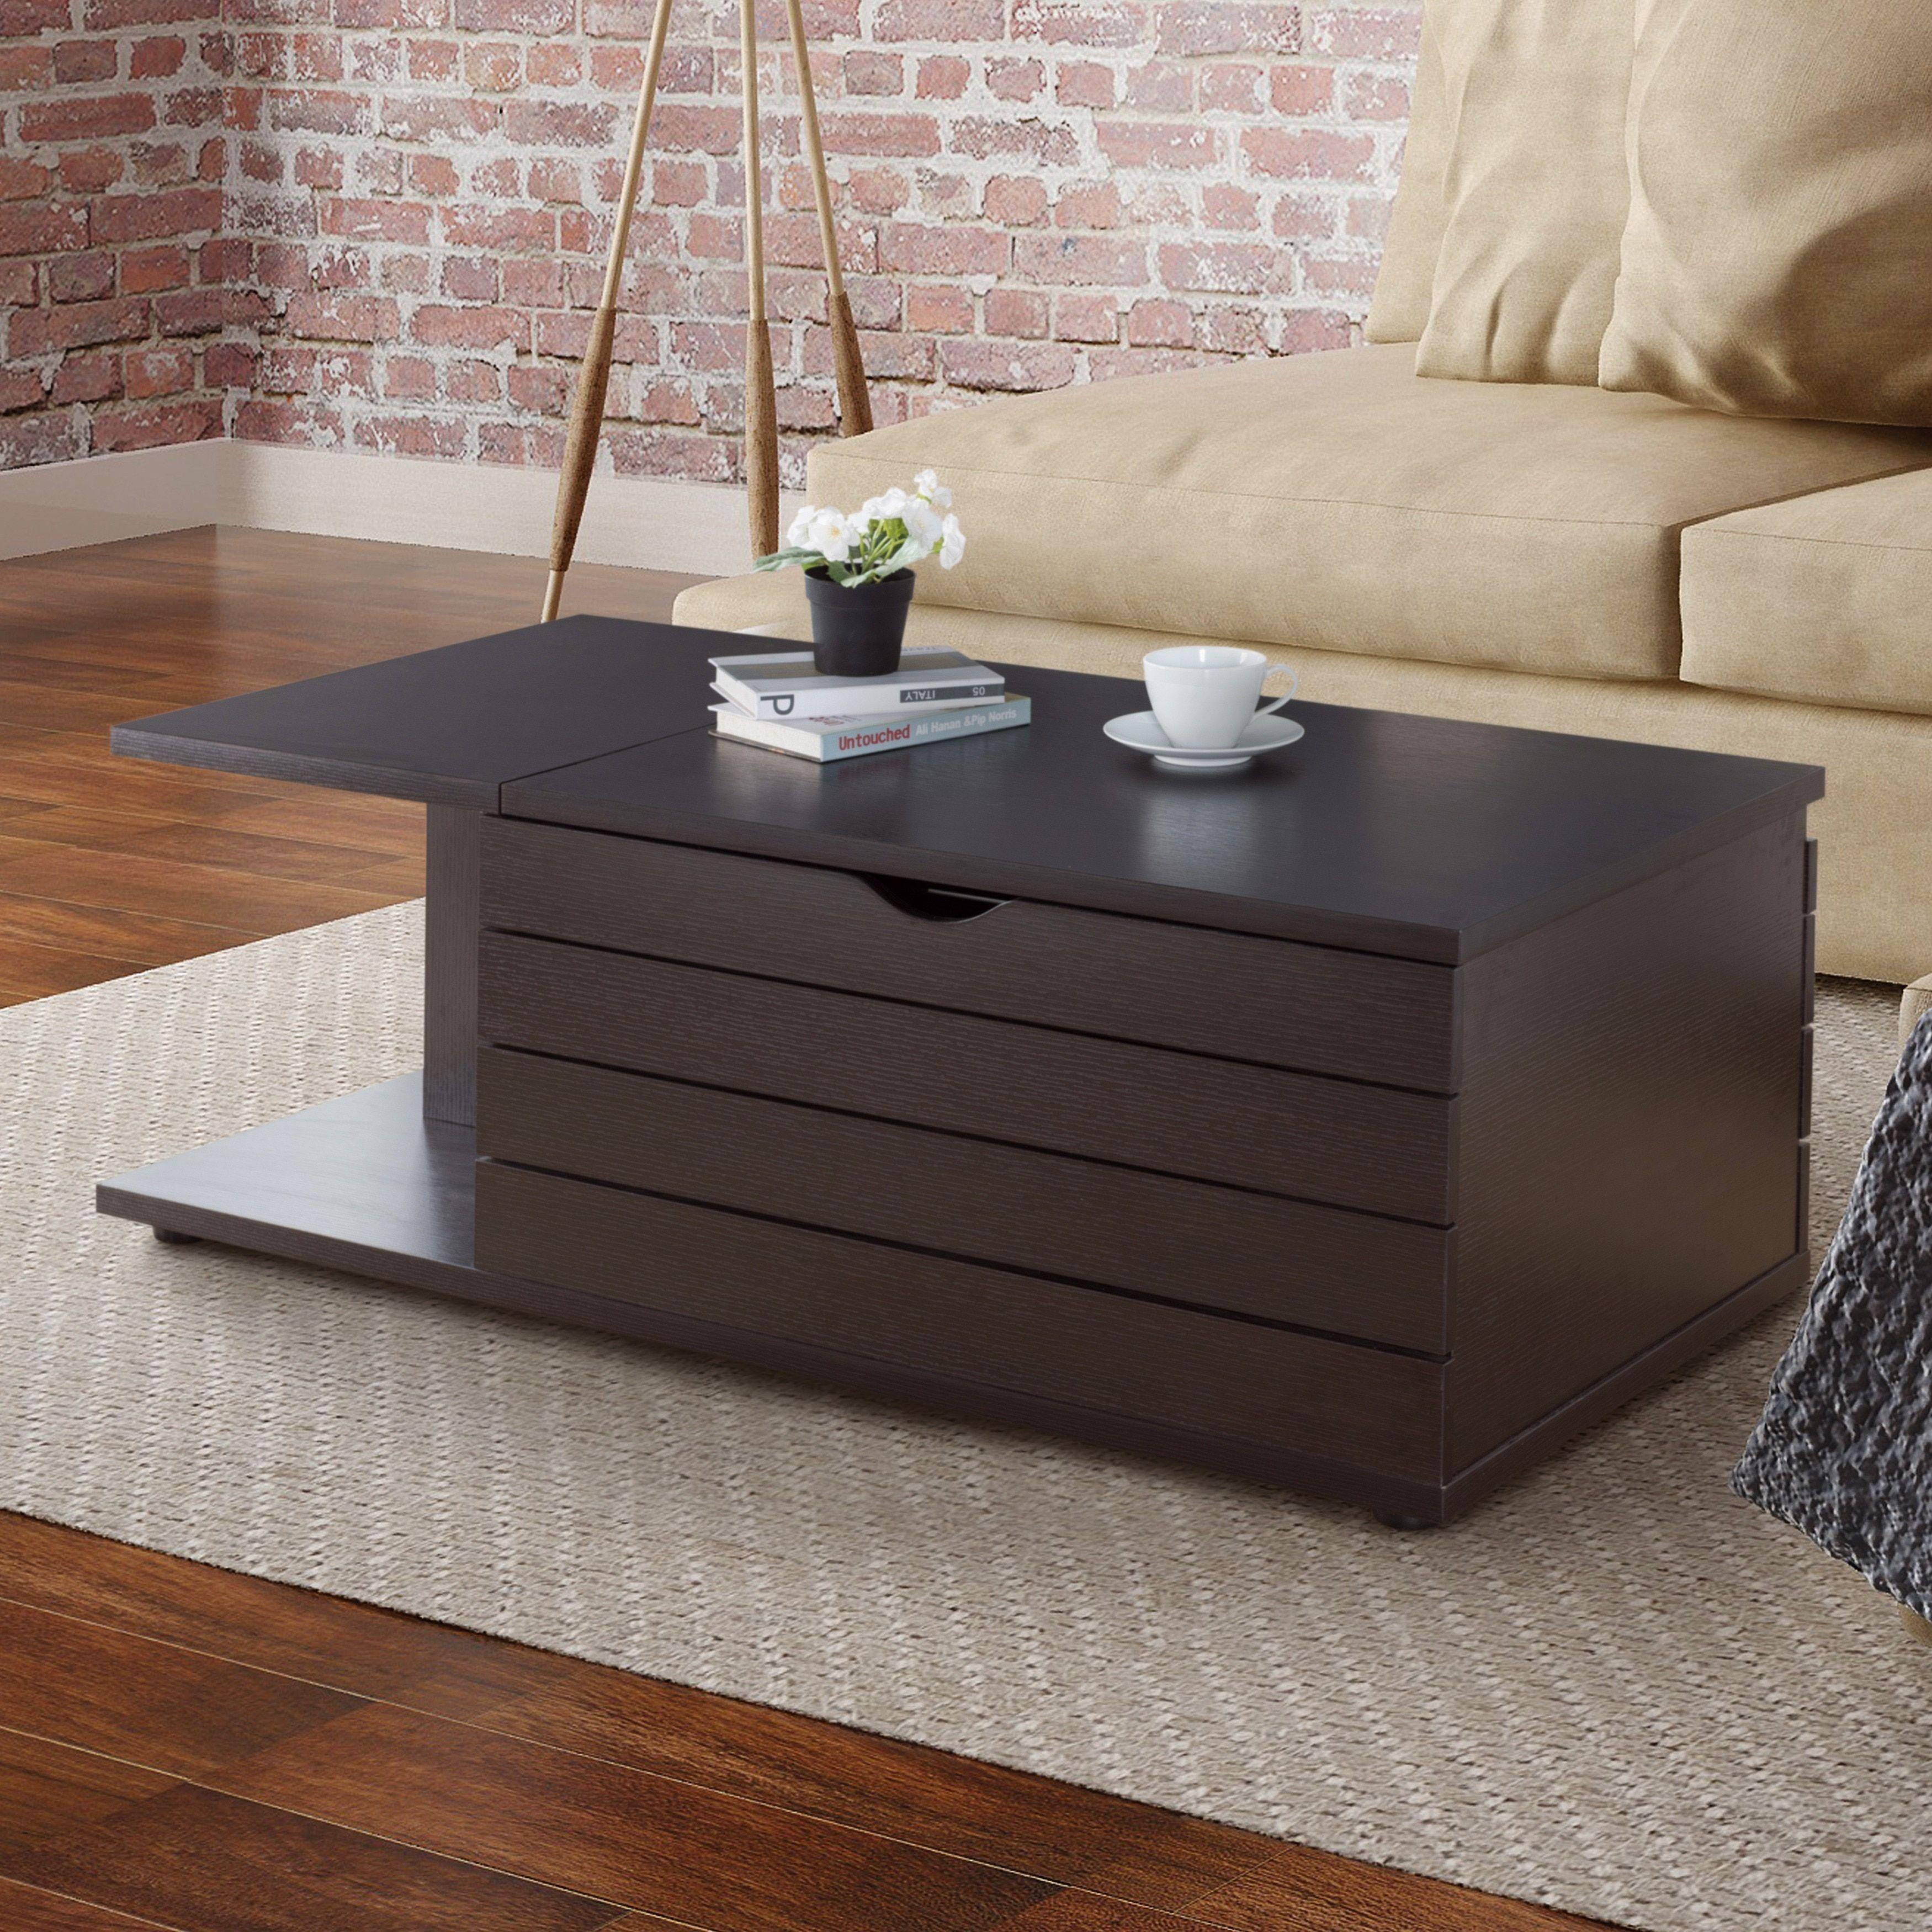 Furniture of America Topson Multi Storage Slide Top Cappuccino